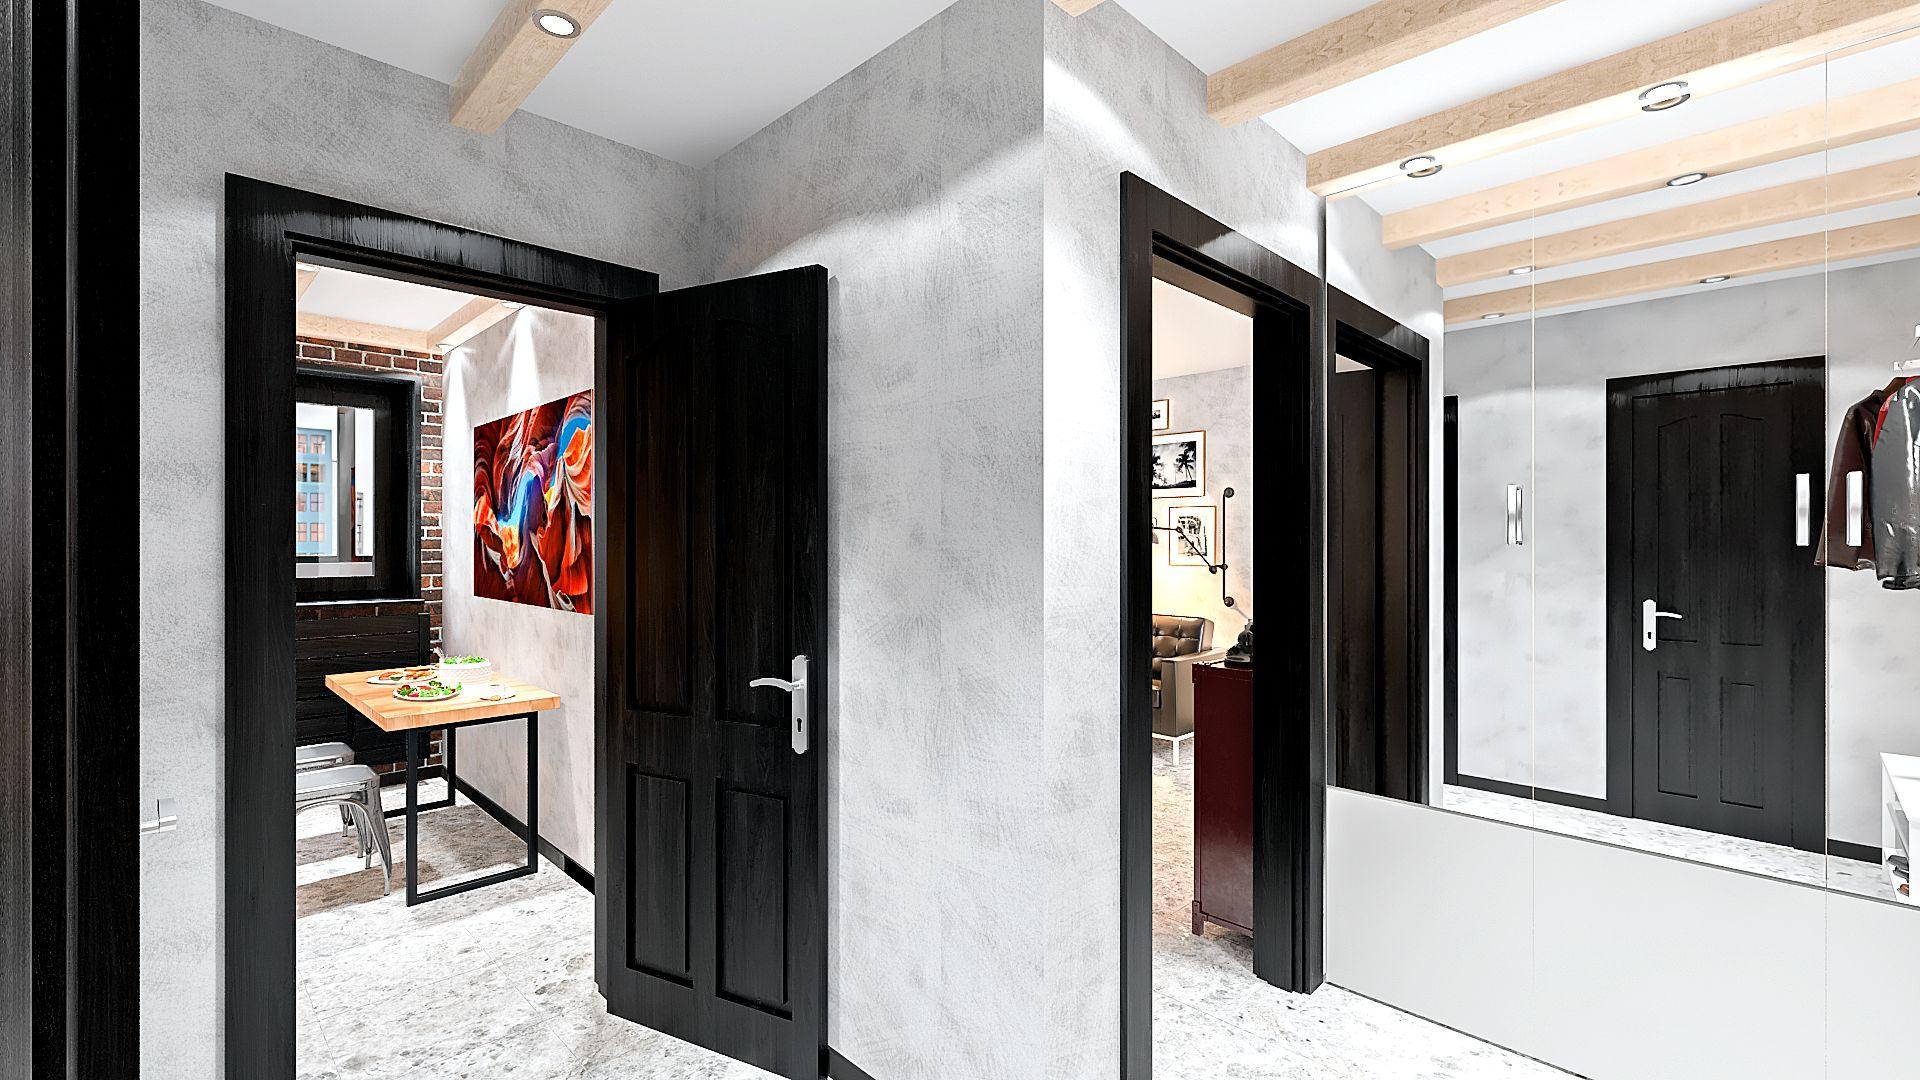 коридор в однушке в лофт стиле с балками на потолке